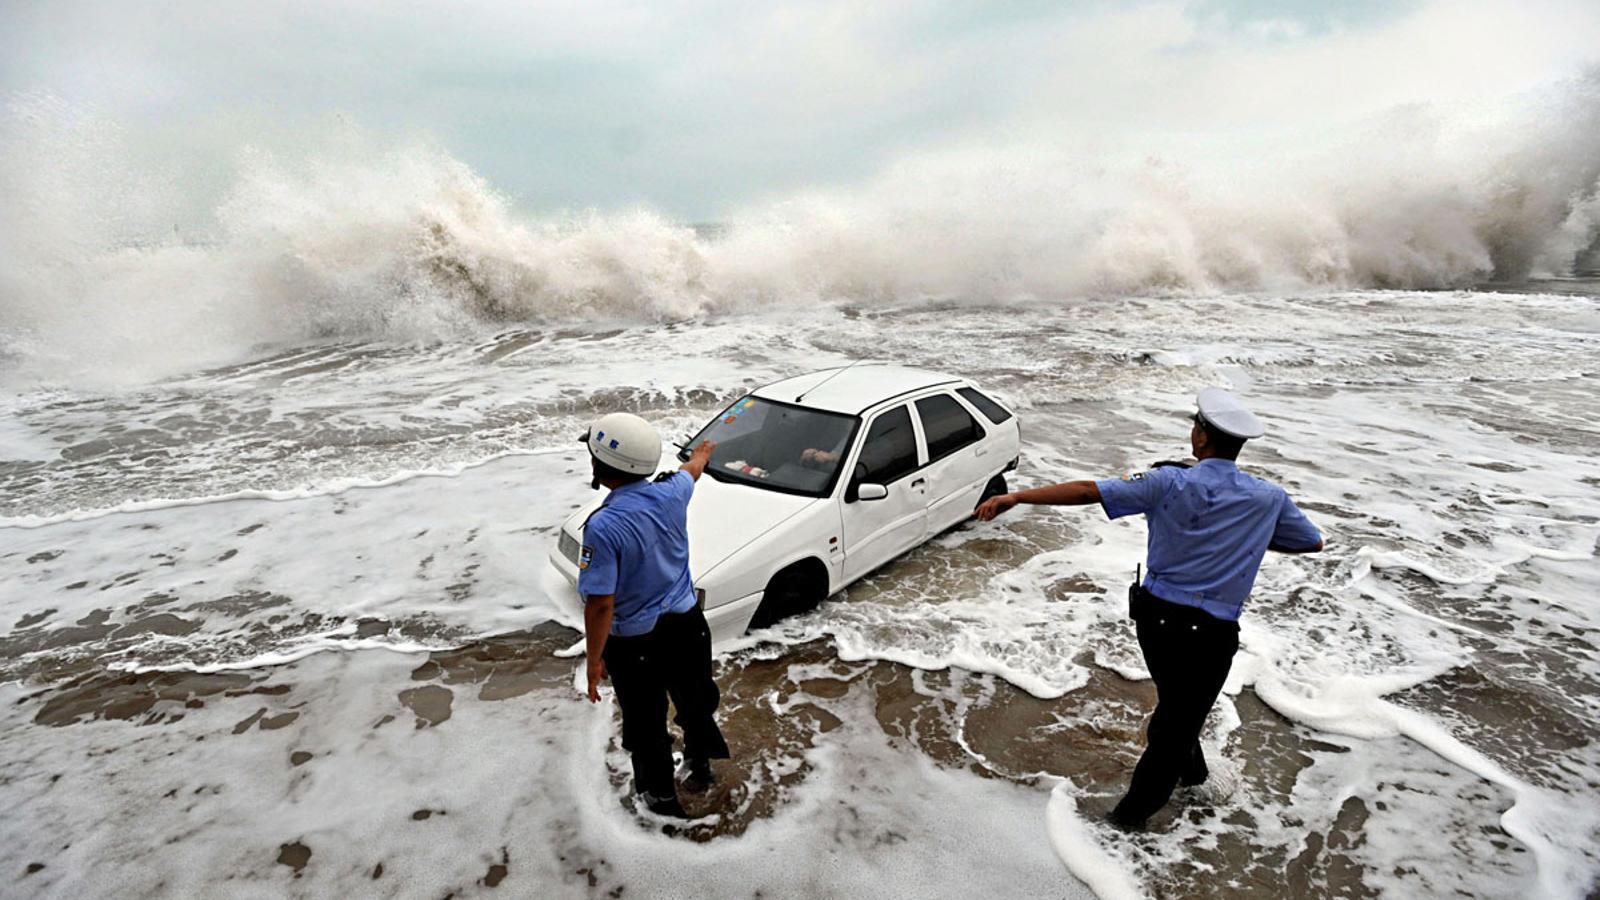 Un vehicle arrosegat pel tifó Bolaven a Qingdao, Xina AFP PHOTO